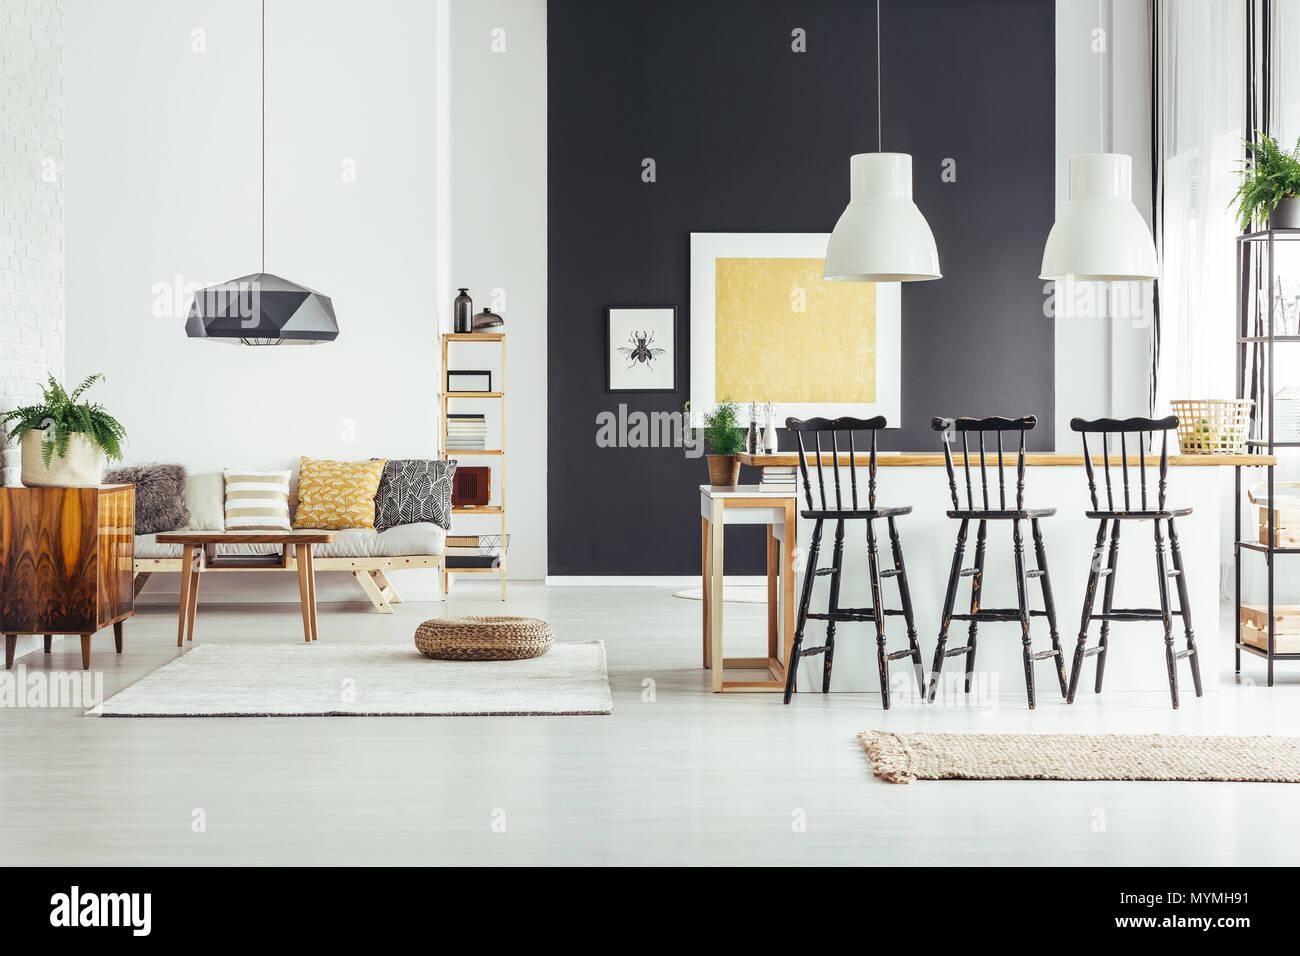 Barra nera sgabelli al bancone di isola per cucina in interni